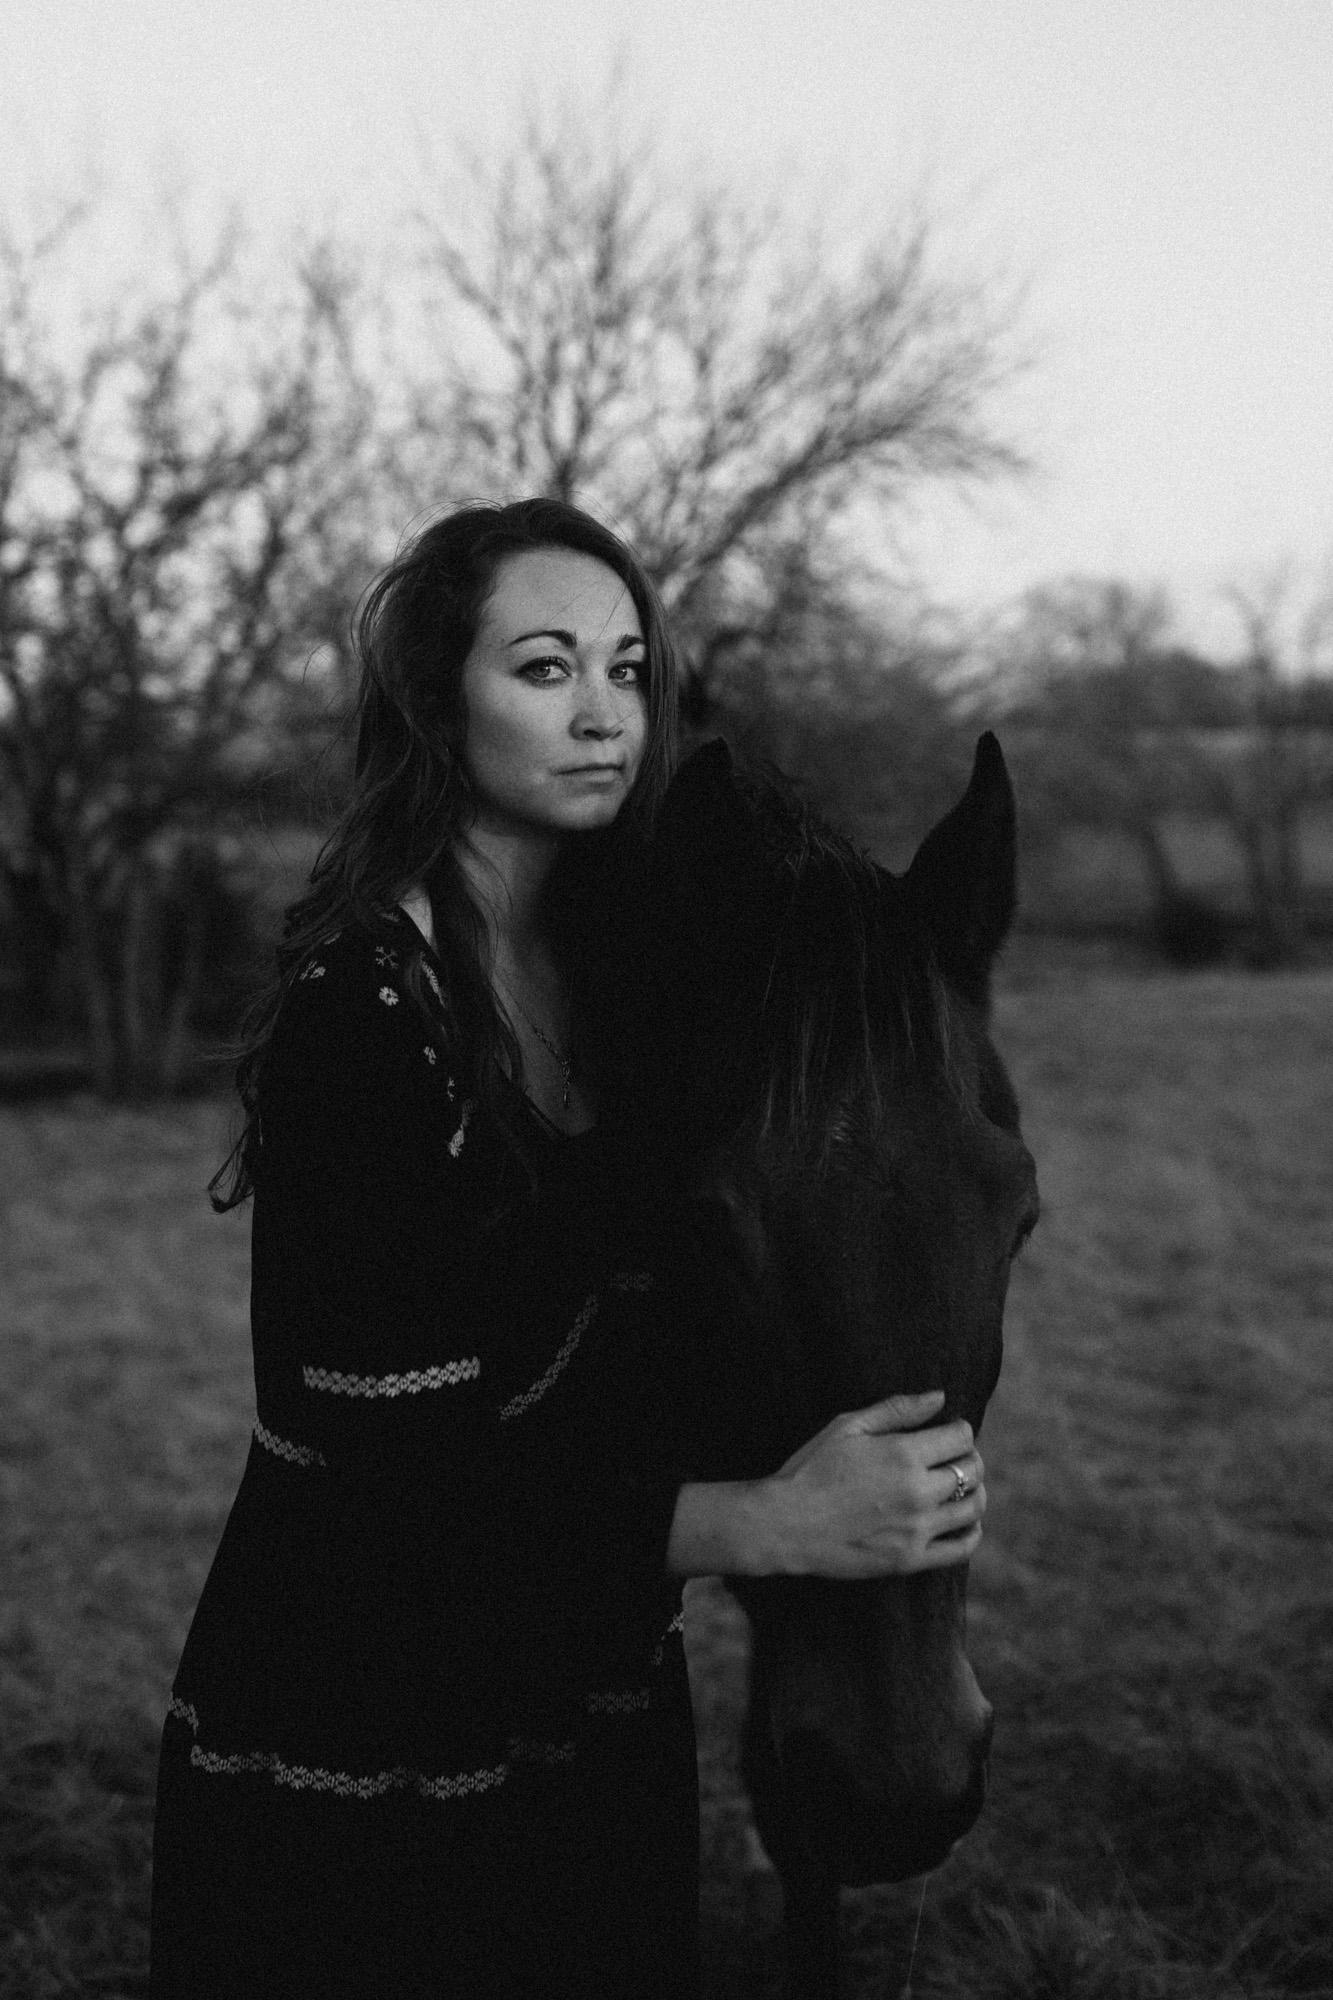 alec_vanderboom_horses_online-0036.jpg